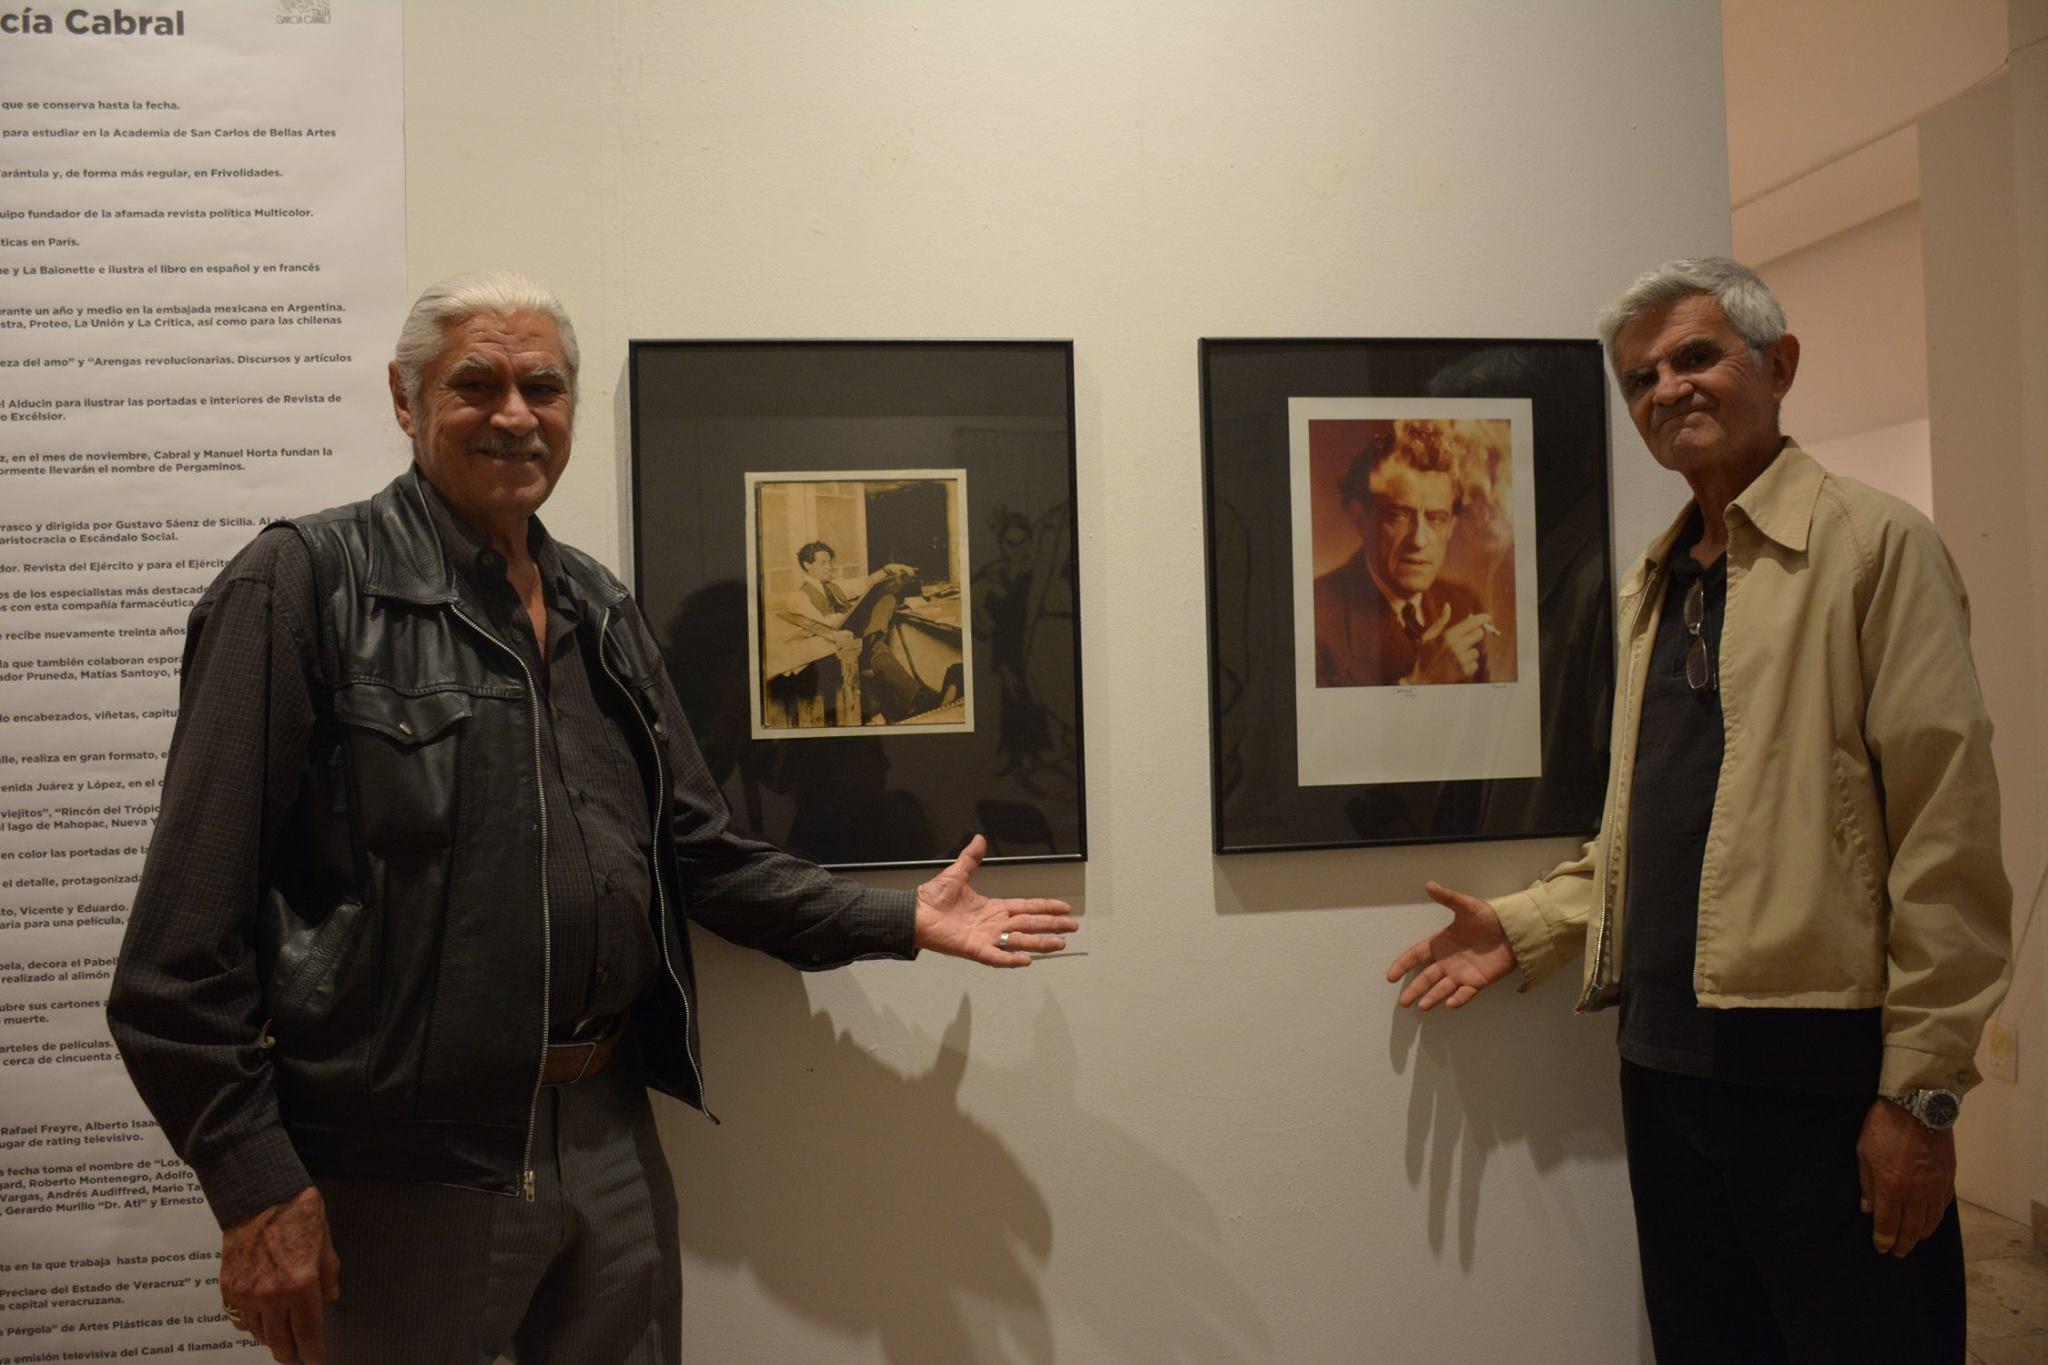 Obra de El Chango García Cabral se expone en el Museo de Historia de Tlalpan